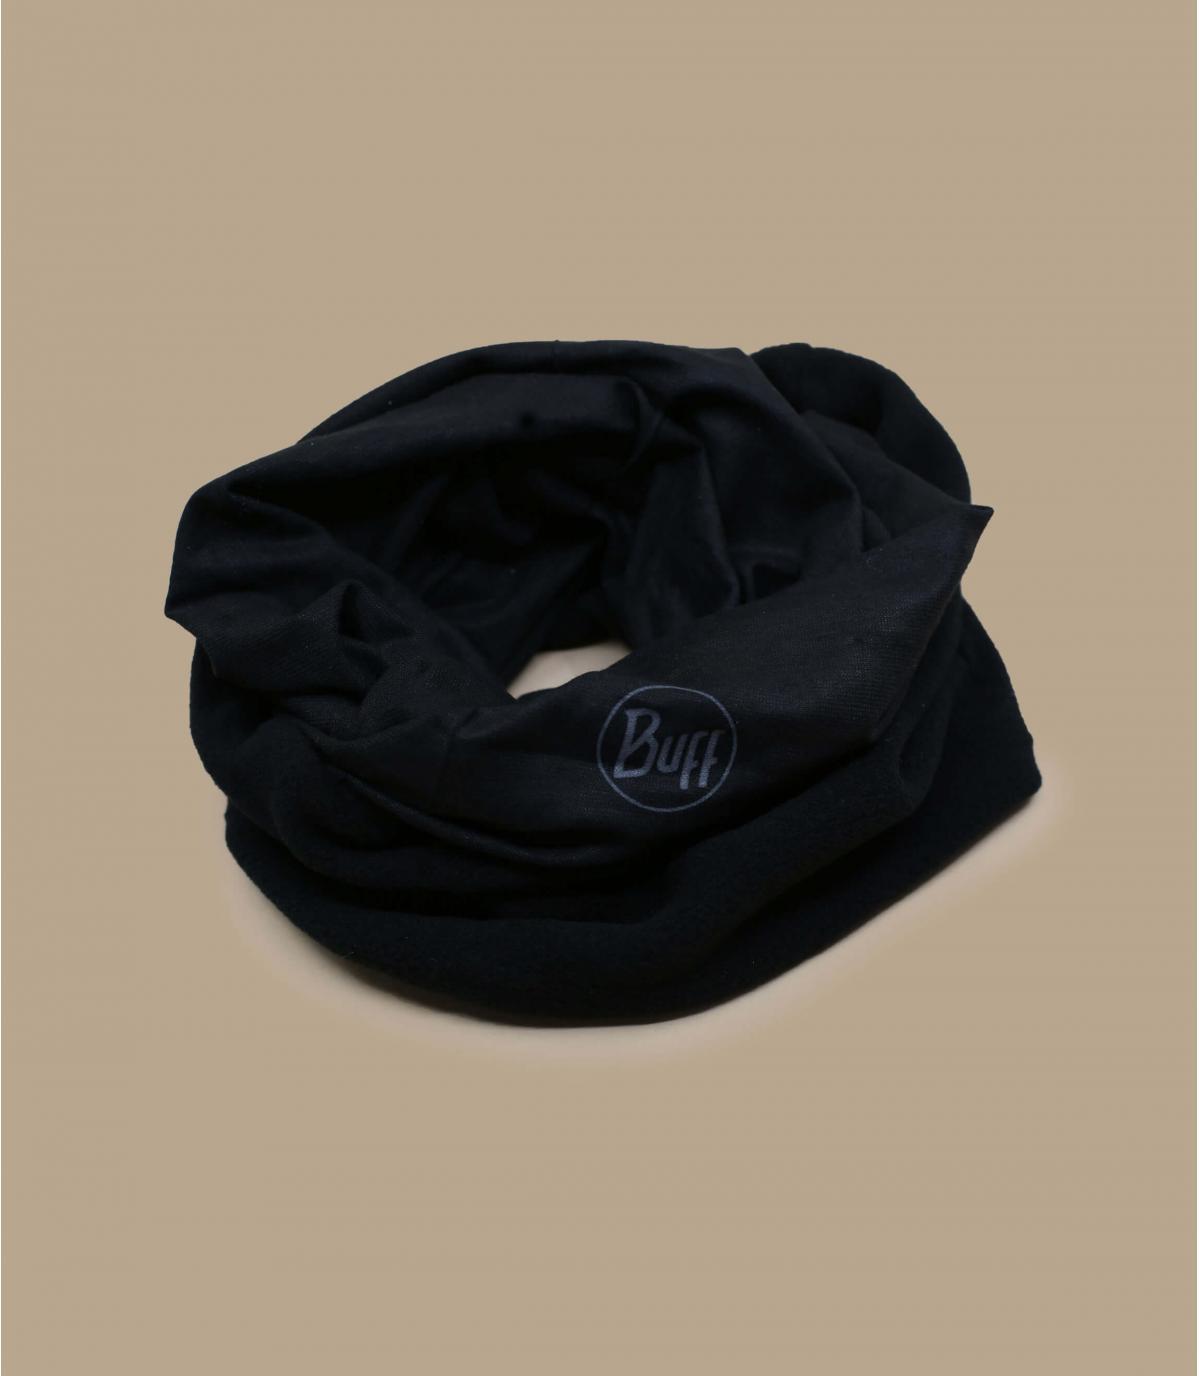 Buff polaire noir